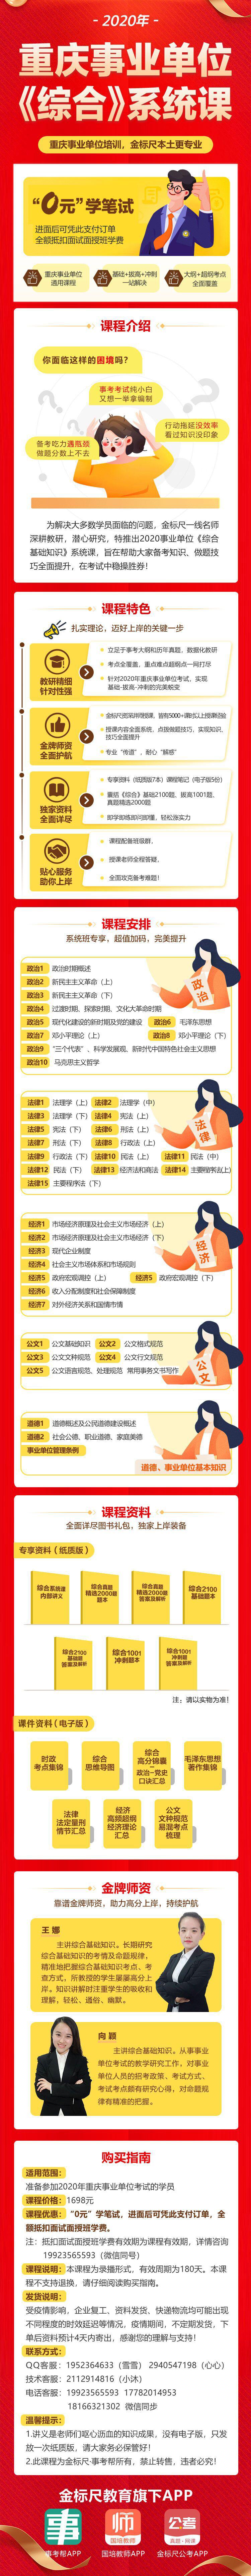 2020金标尺重庆市事业单位《综合基础知识》系统班插图